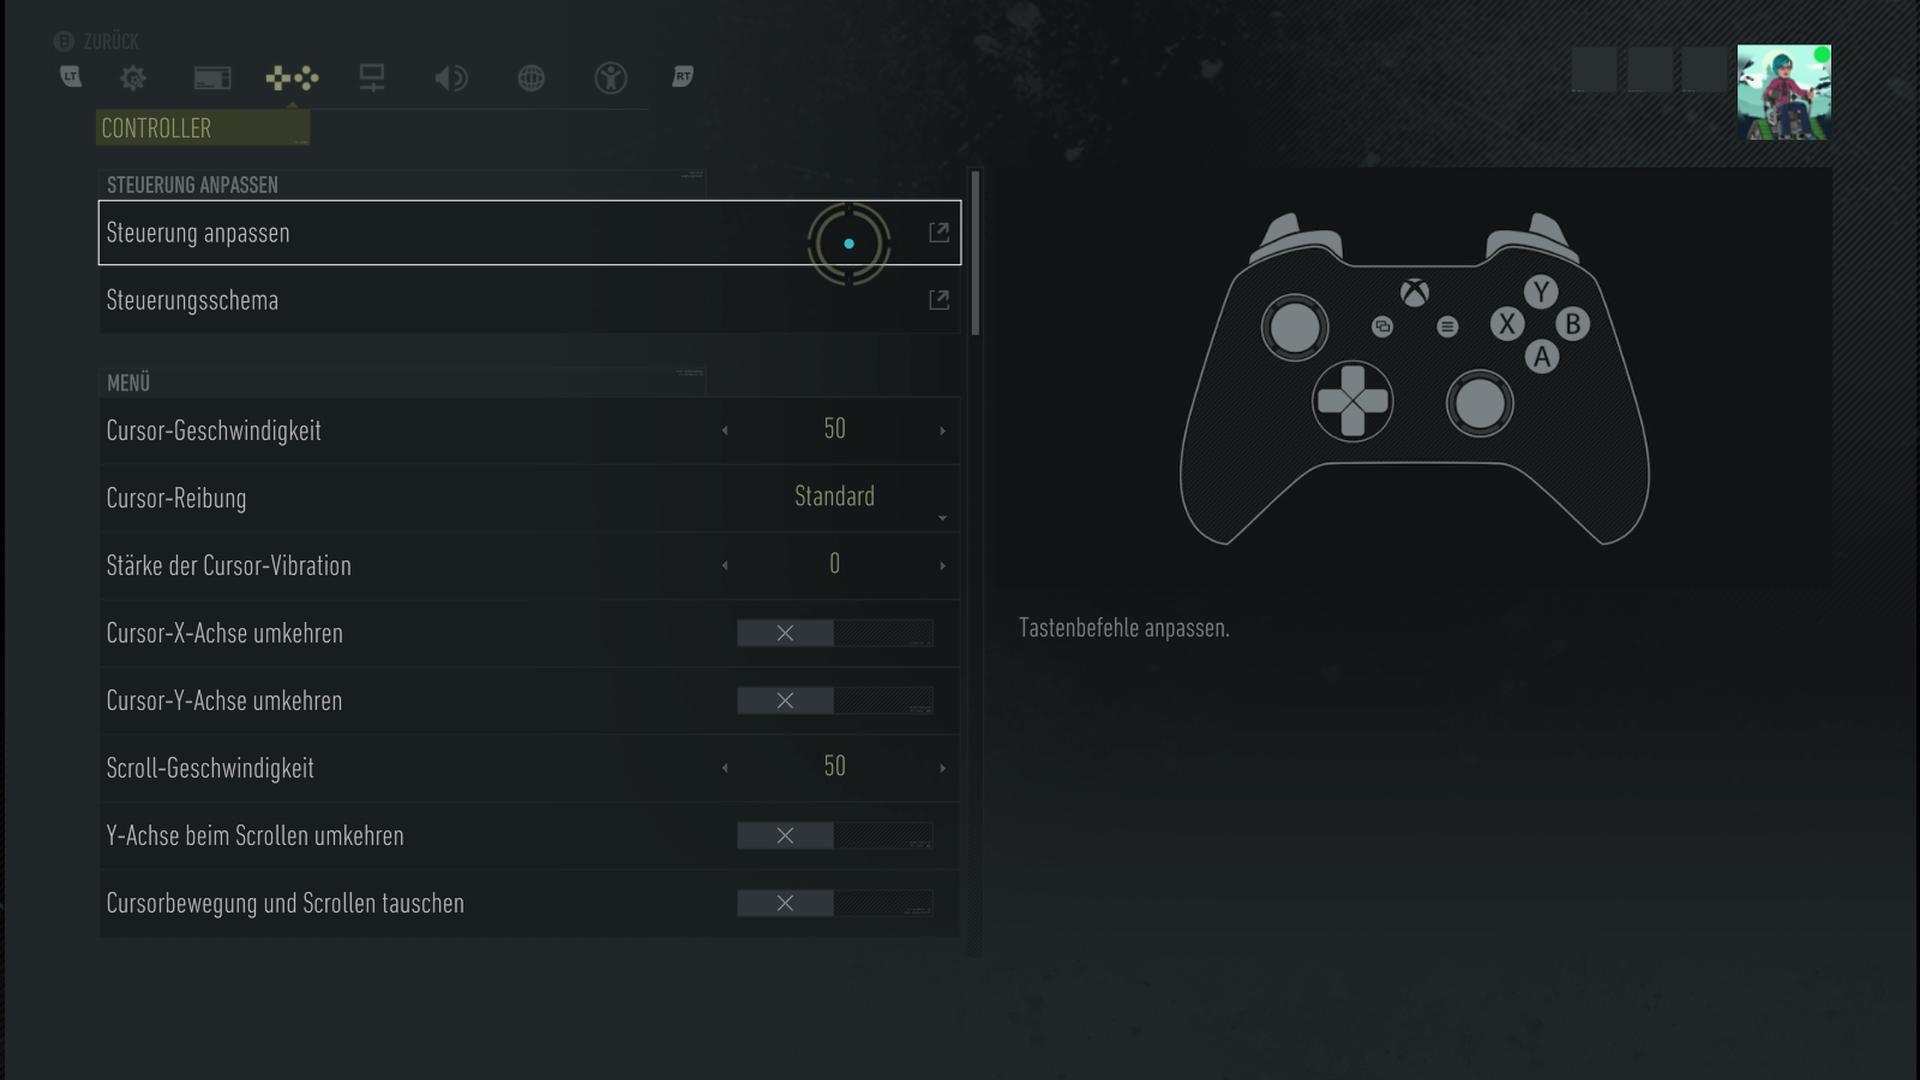 Ein Screenshot vom Menü für die Controller-Optionen.